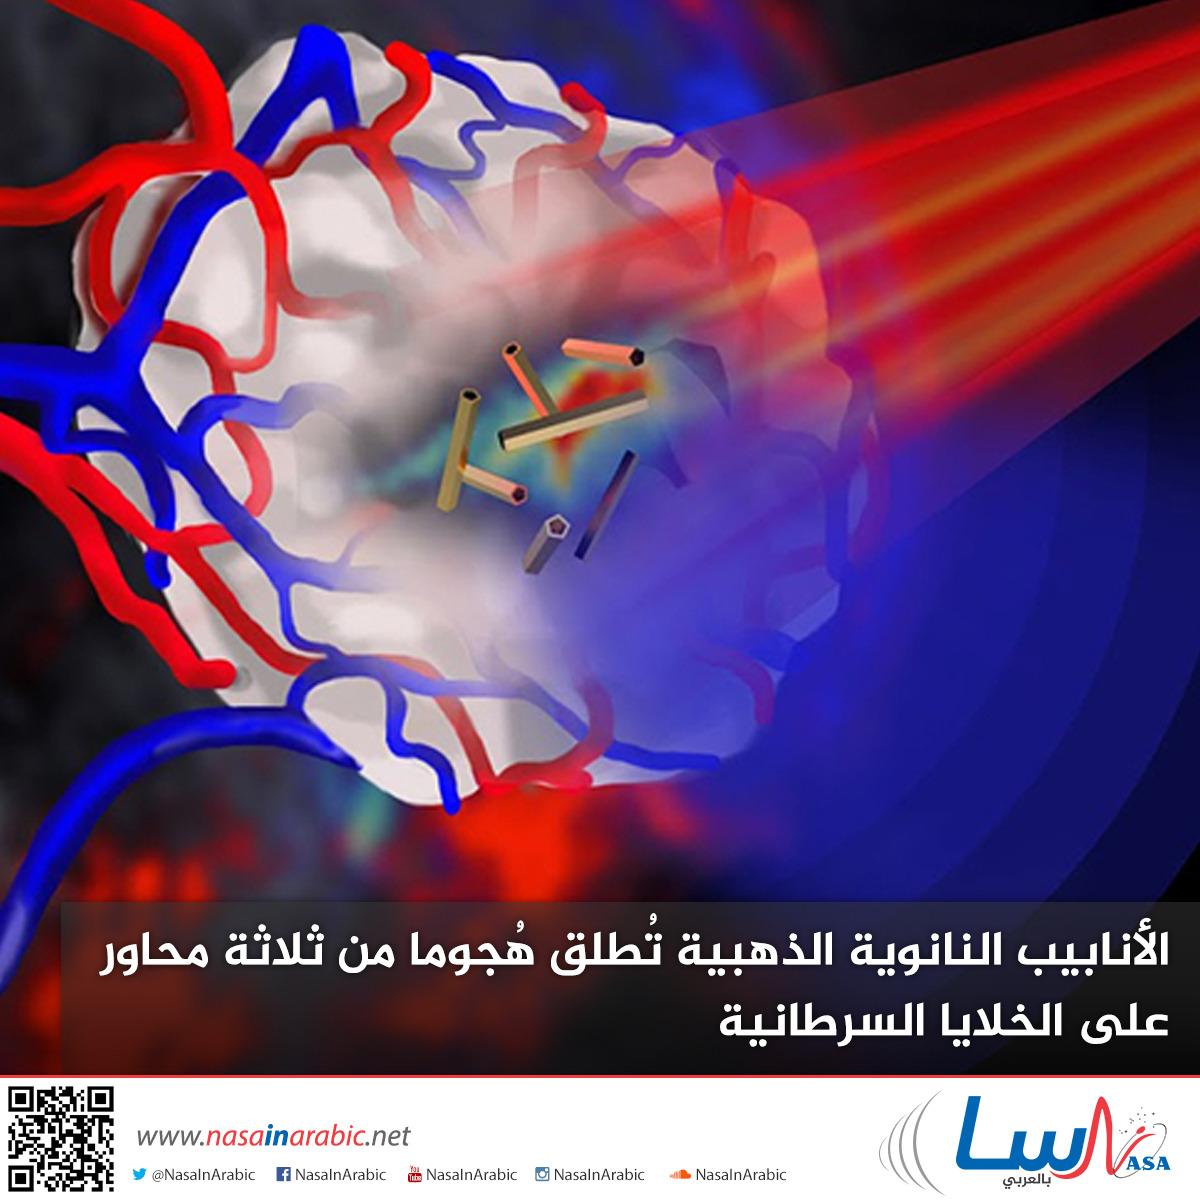 الأنابيب النانوية الذهبية تُطلق هُجوما من ثلاثة محاور على الخلايا السرطانية